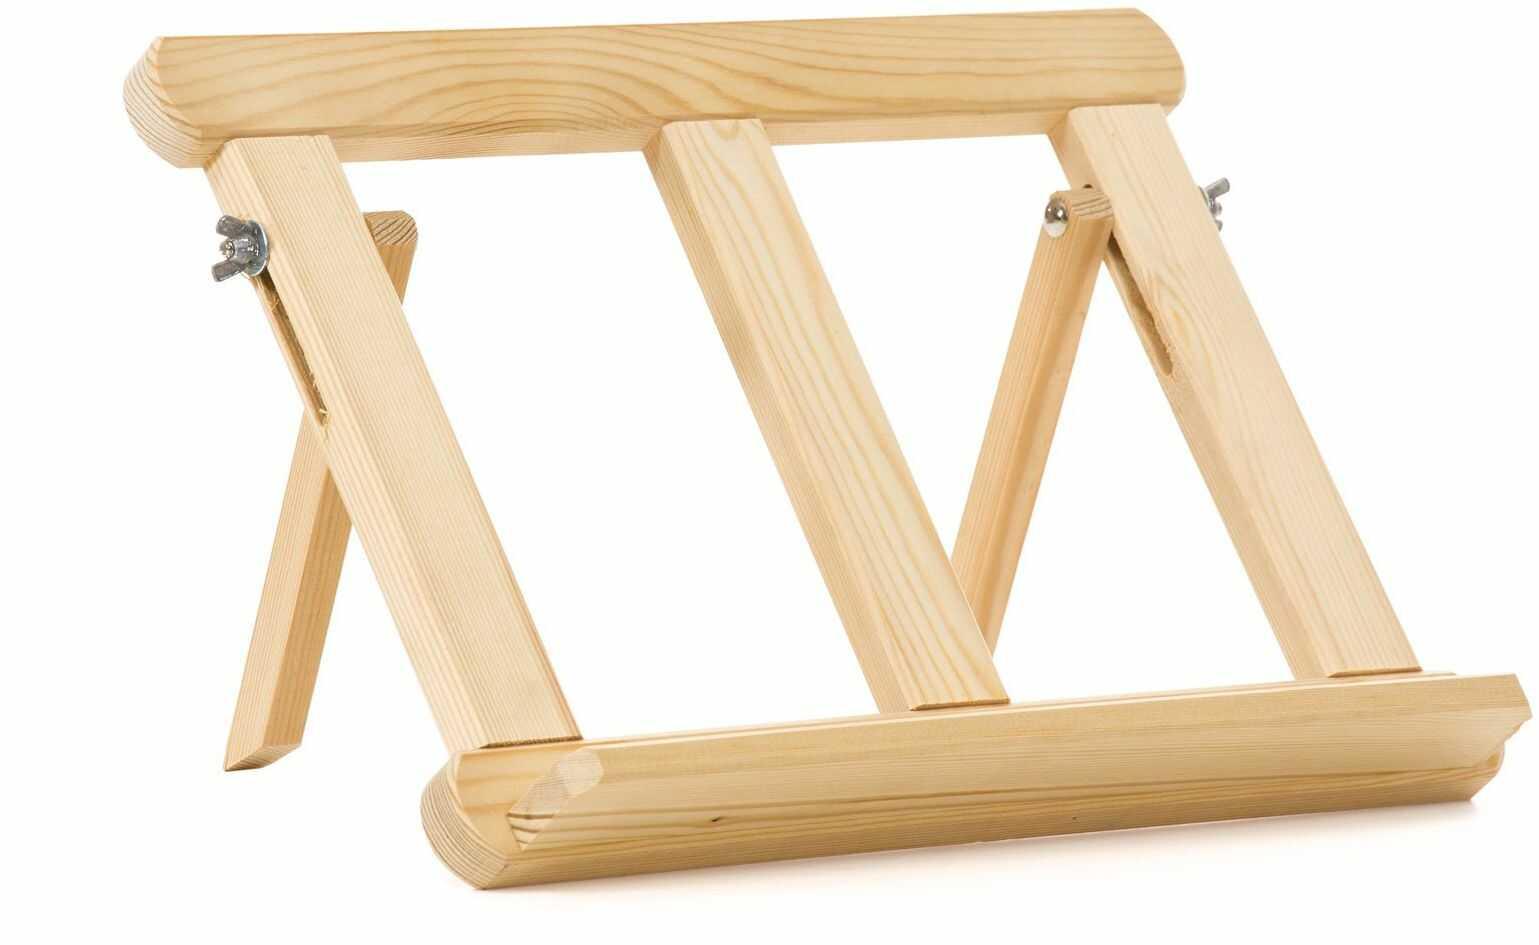 Lienzos Levante 1410602001 - sztalugi, prosty pulpit z drewna sosnowego